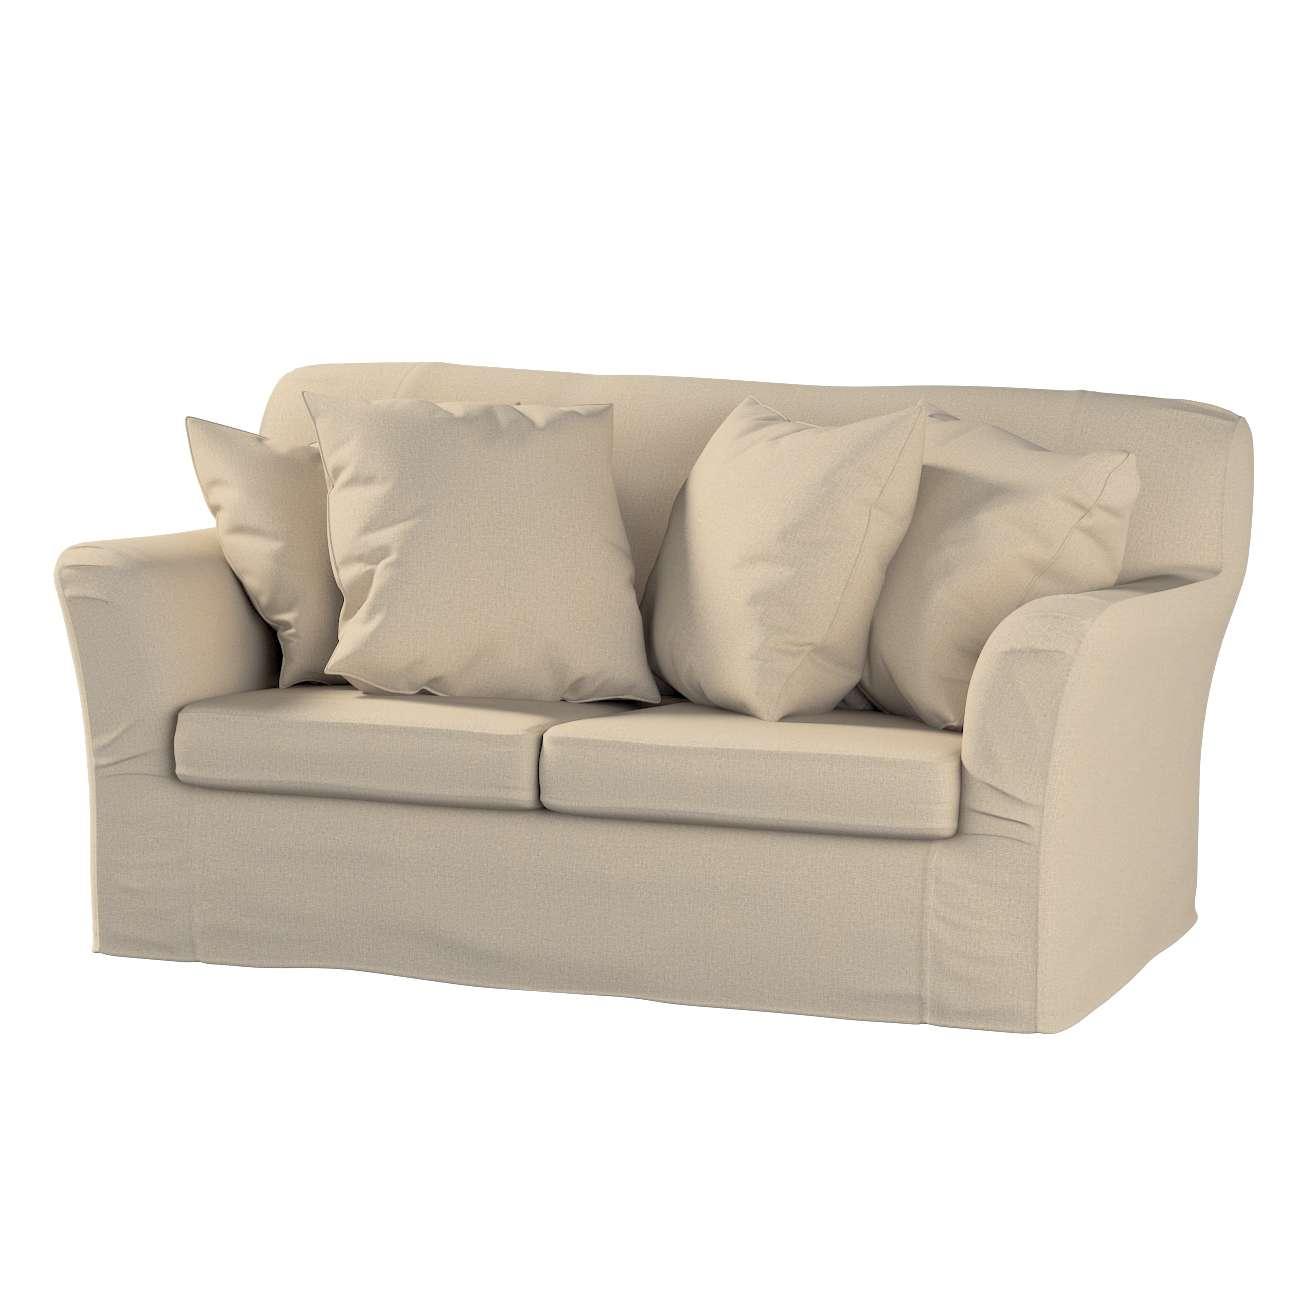 Tomelilla 2-seater sofa cover Tomelilla 2-seat sofa in collection Edinburgh, fabric: 115-78